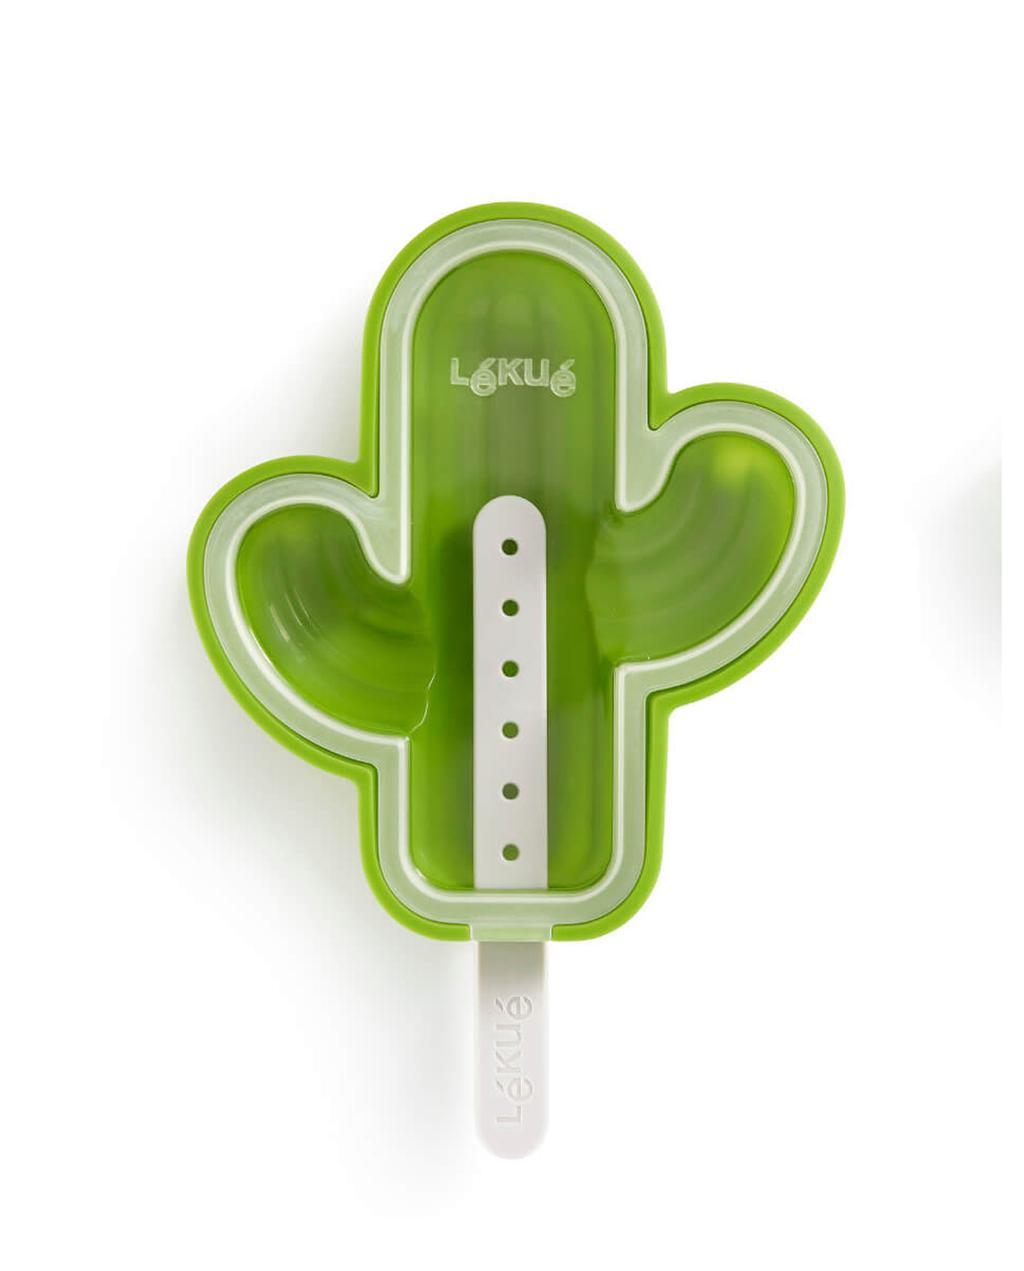 zomerboek 08-2020 | groene ijsvorm in de vorm van een cactus